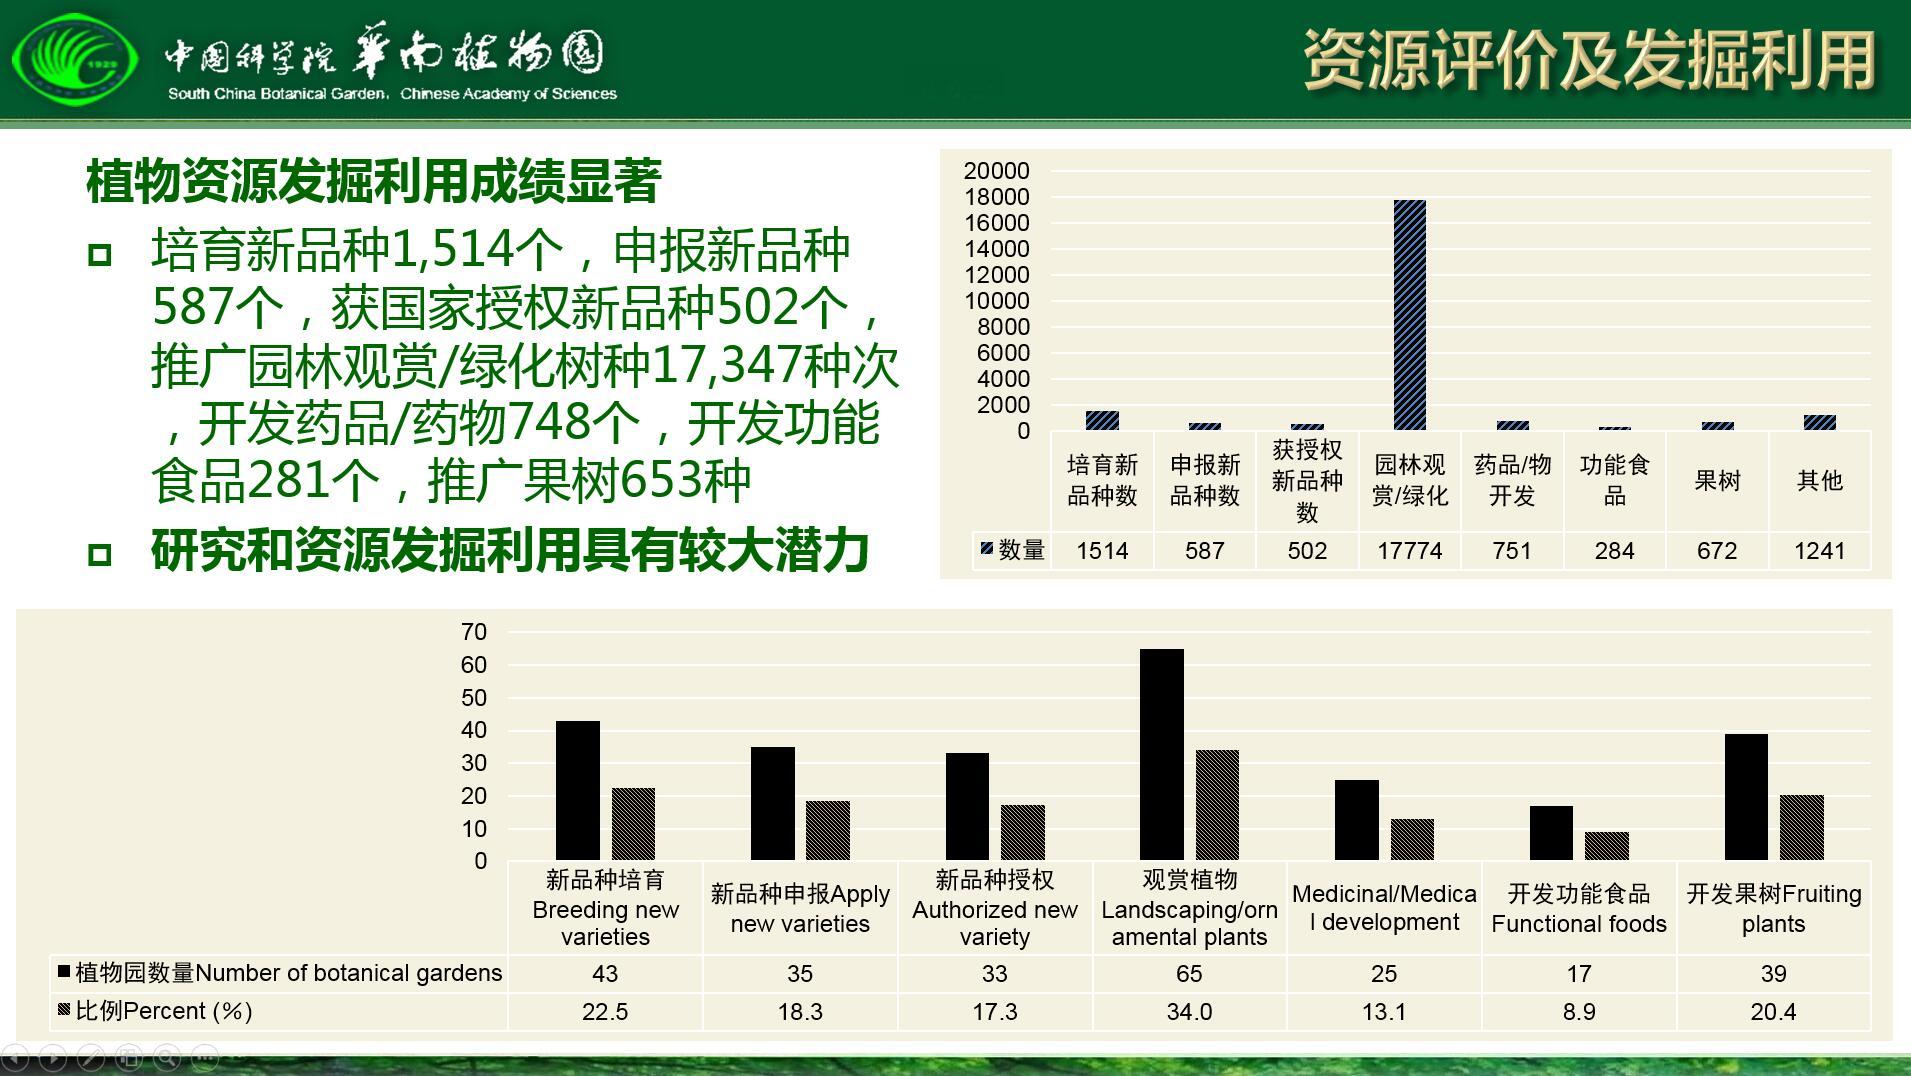 图8-1 中国植物园植物资源利用.jpg